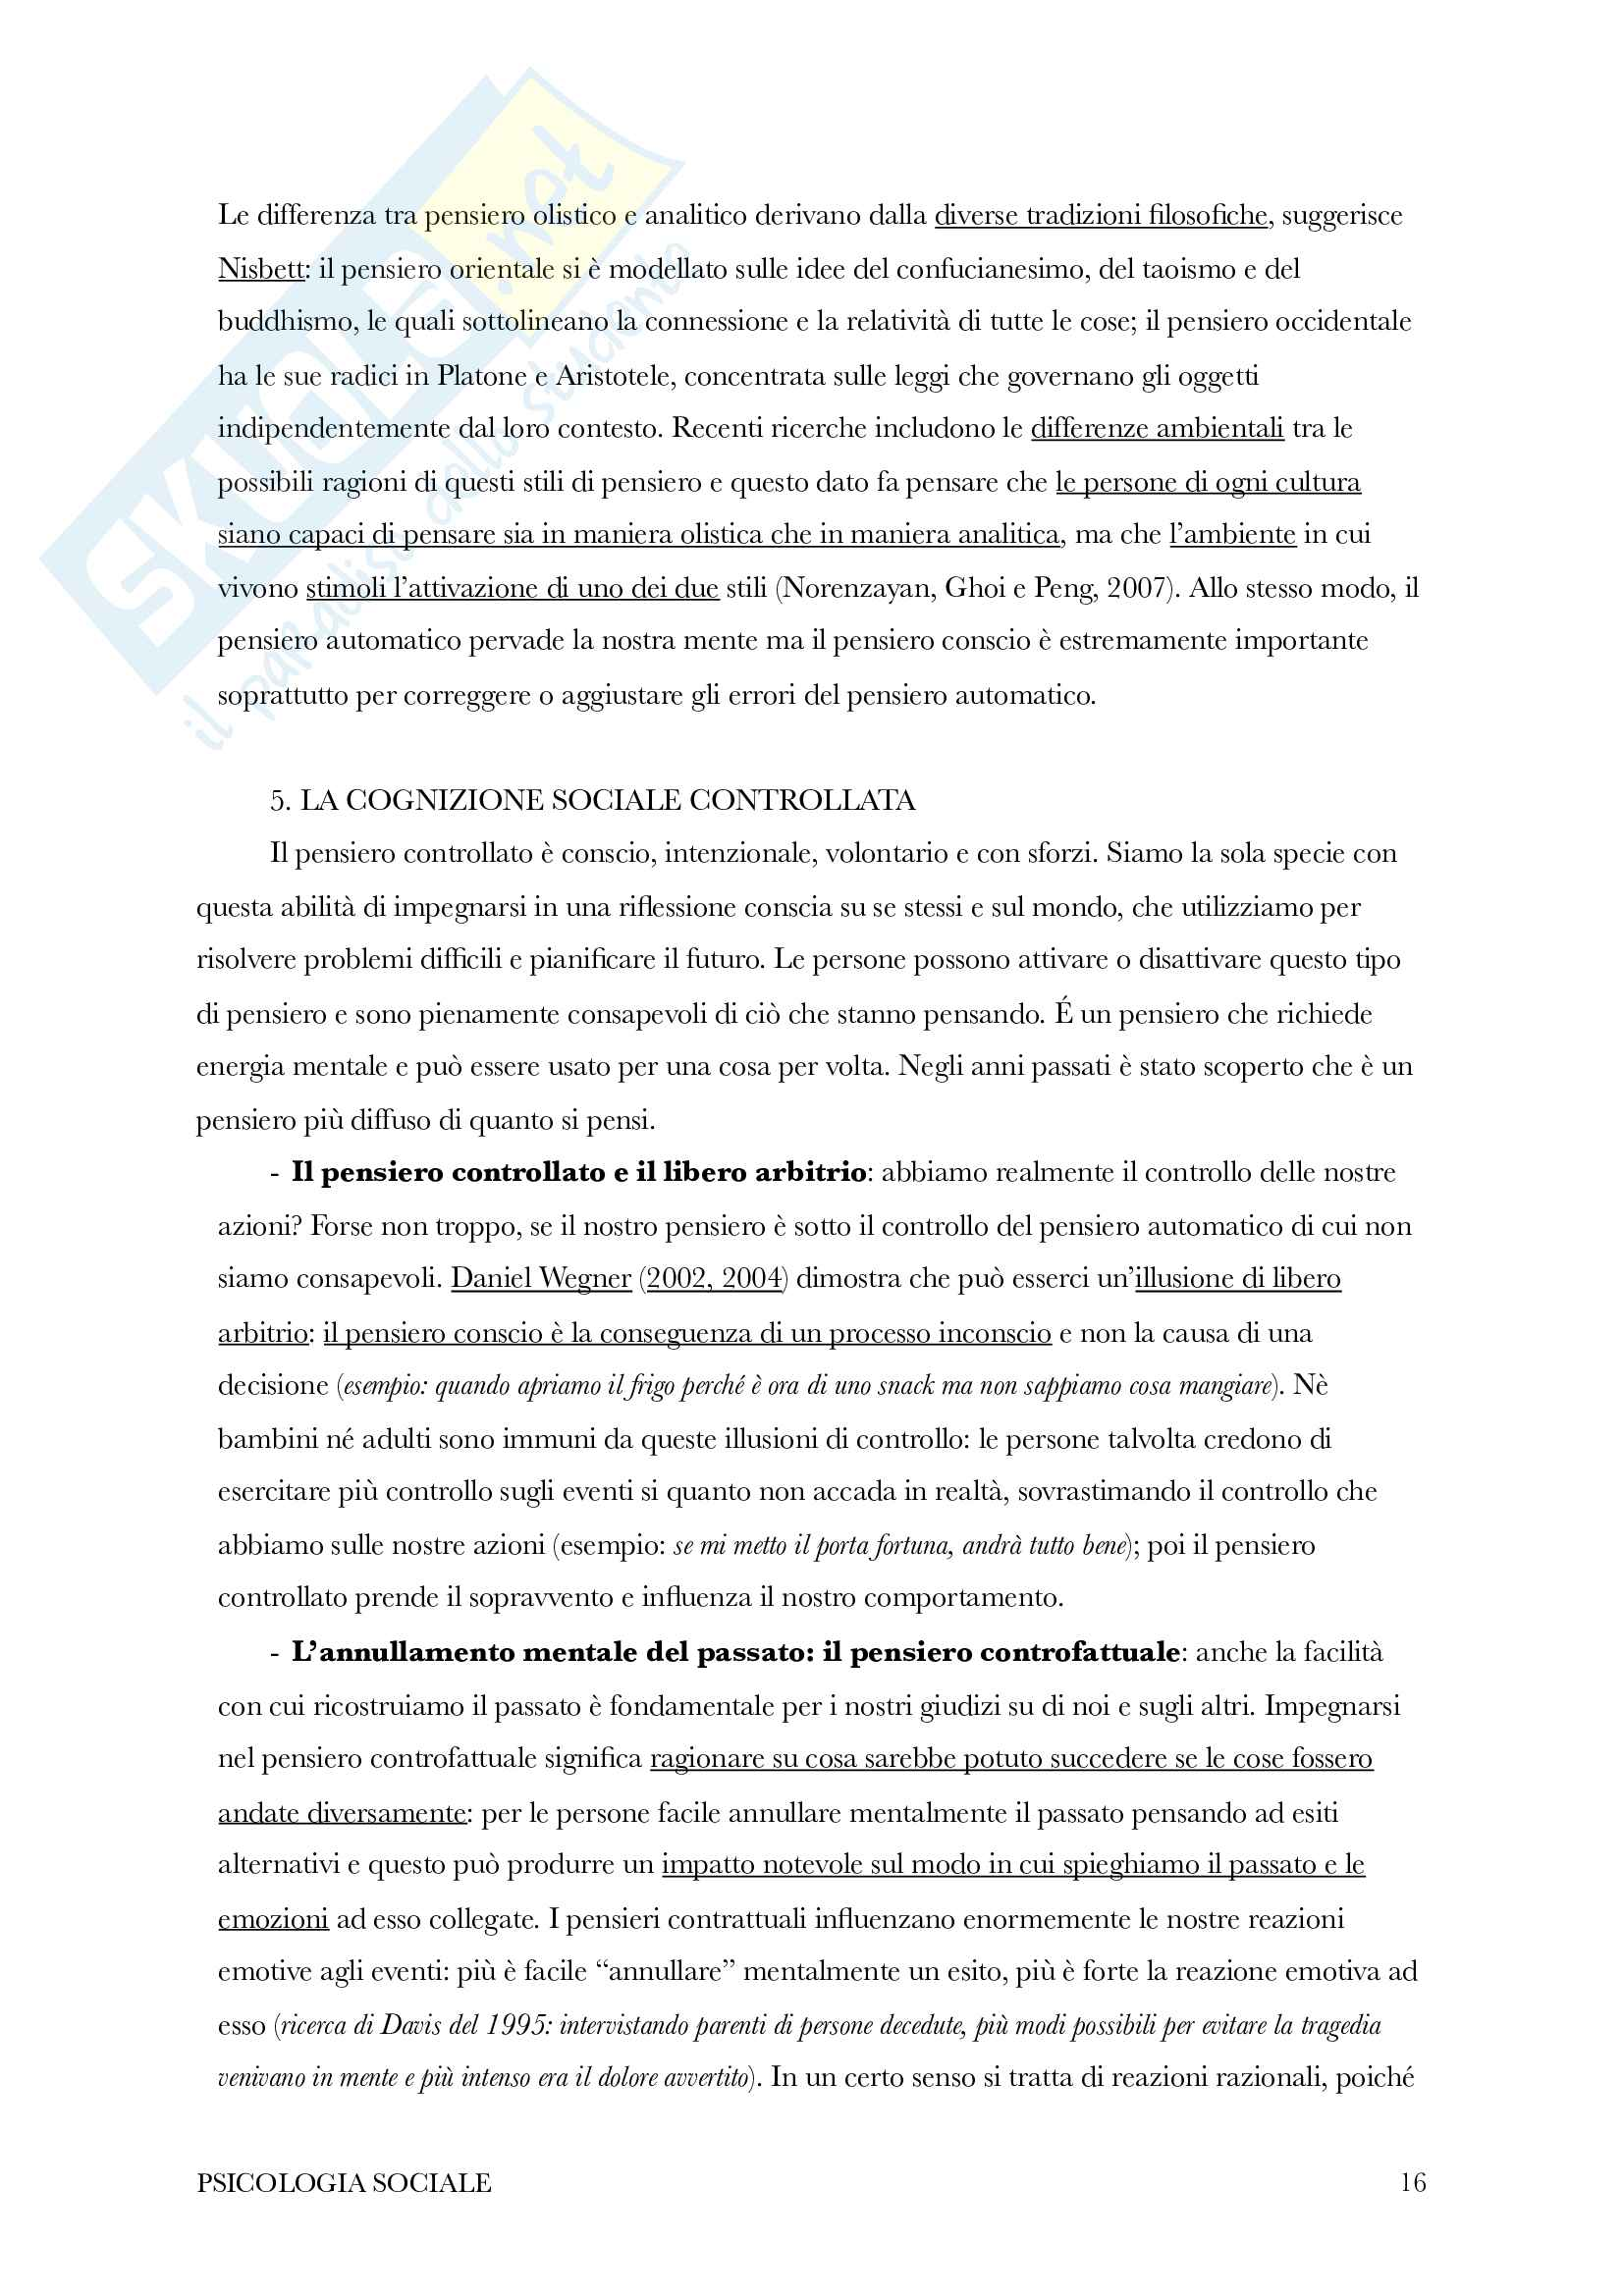 Riassunto di psicologia sociale Pag. 16